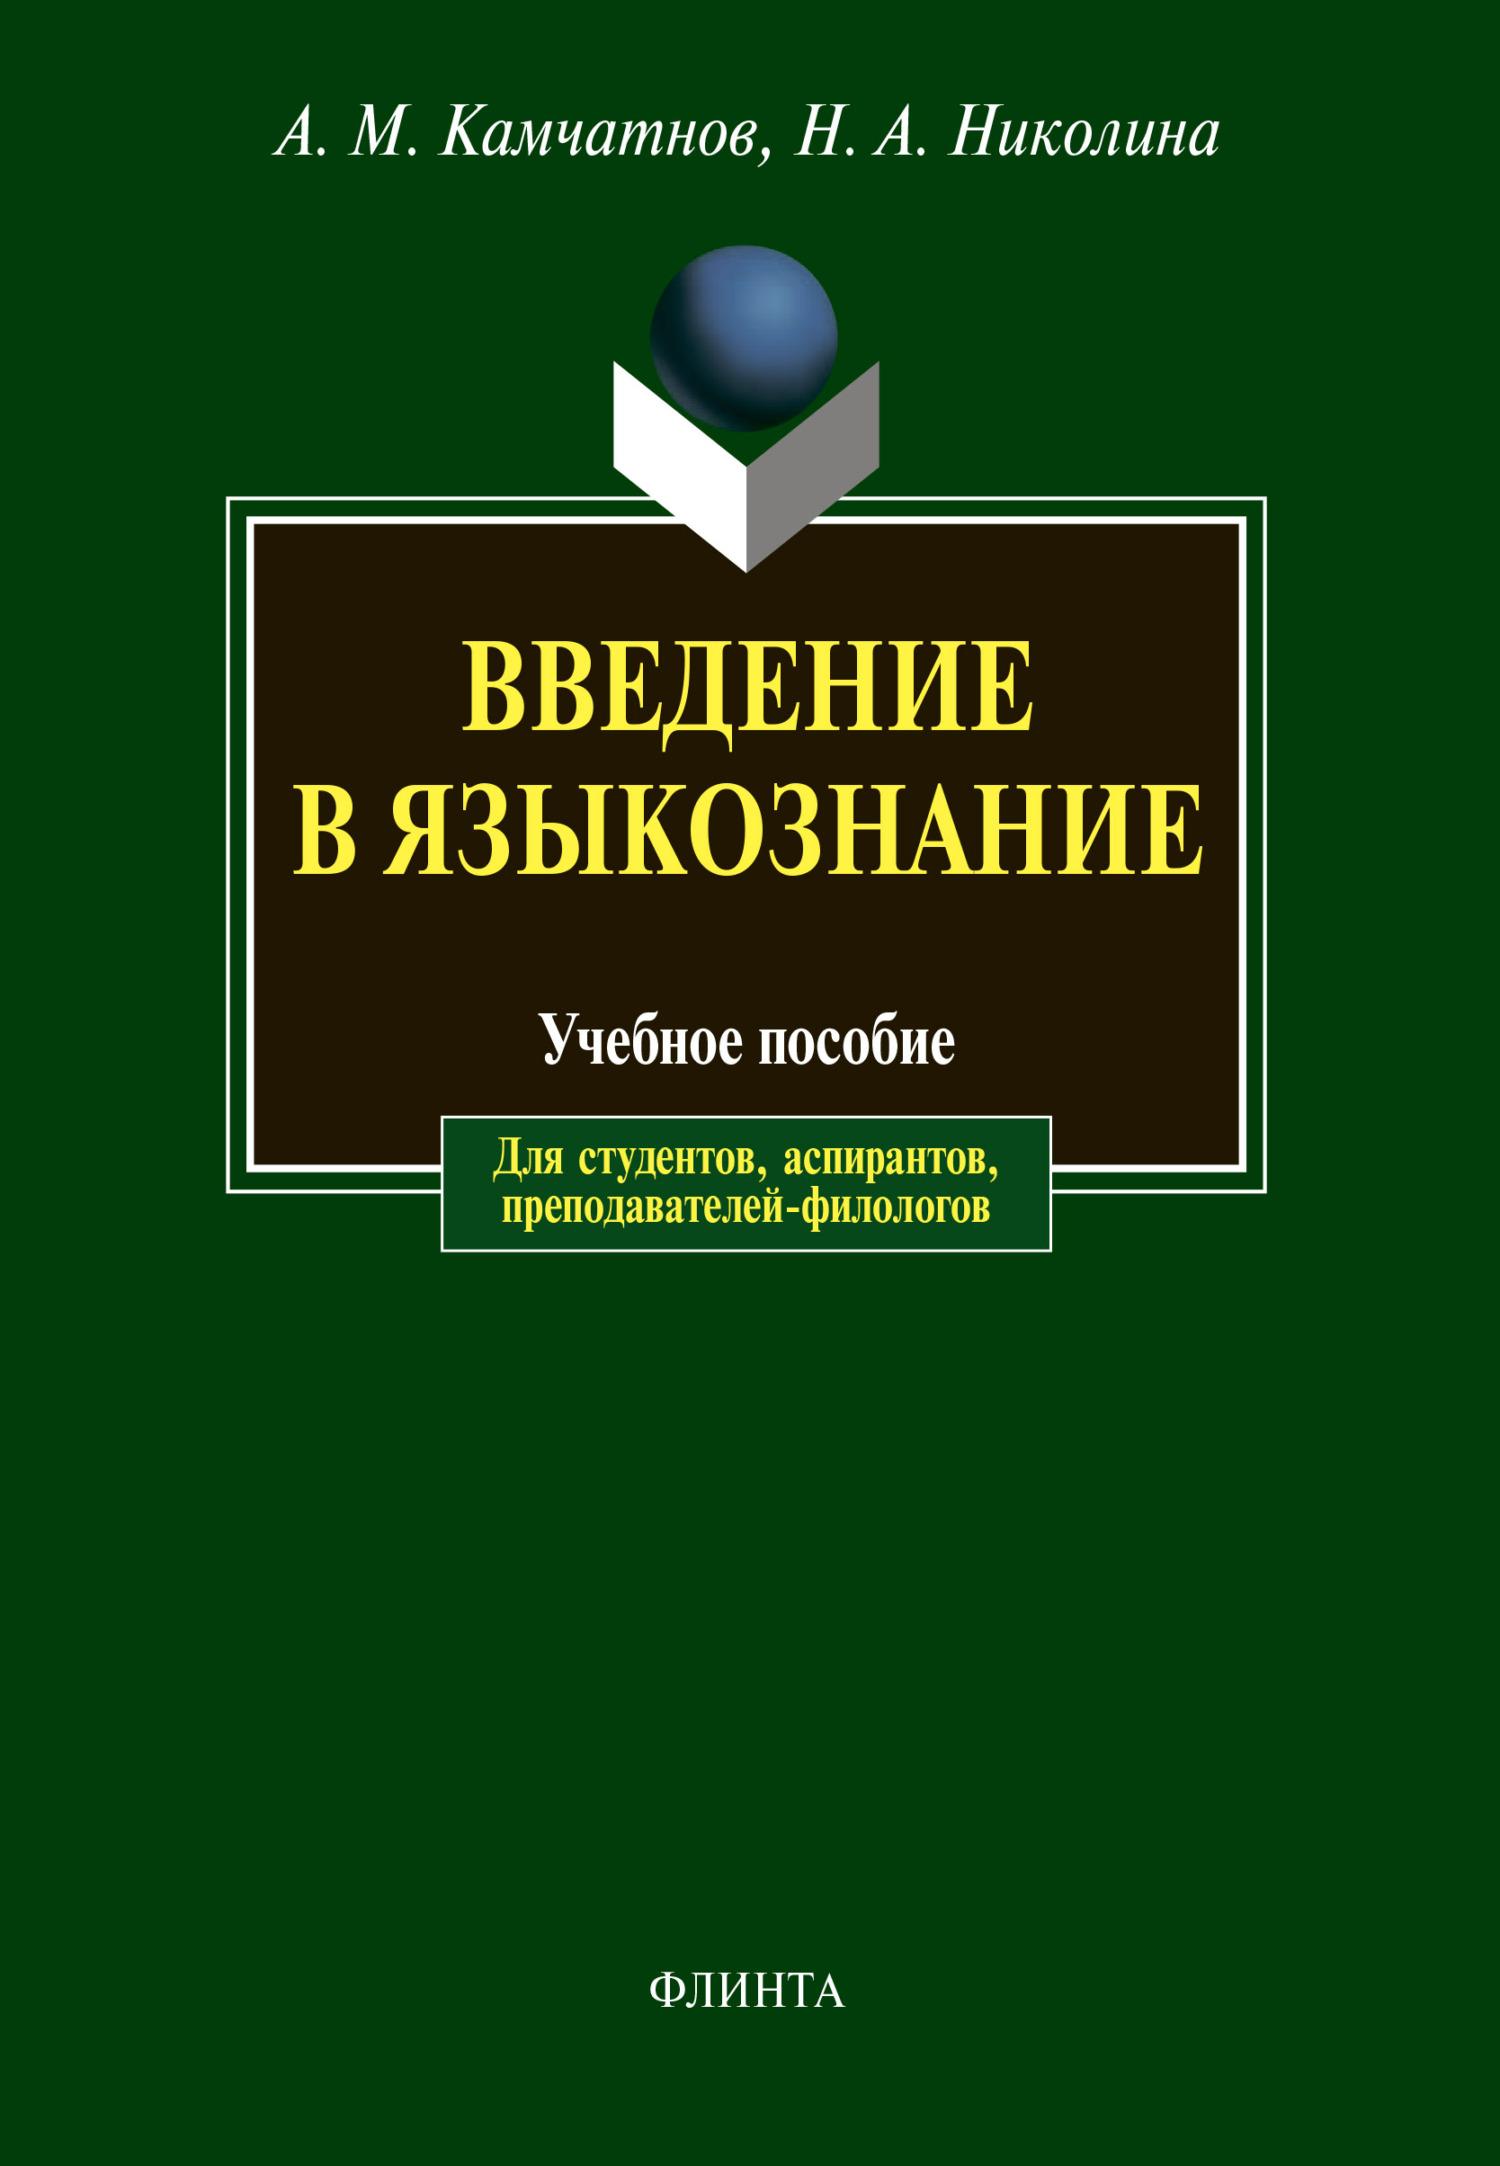 цена А. М. Камчатнов Введение в языкознание. Учебное пособие